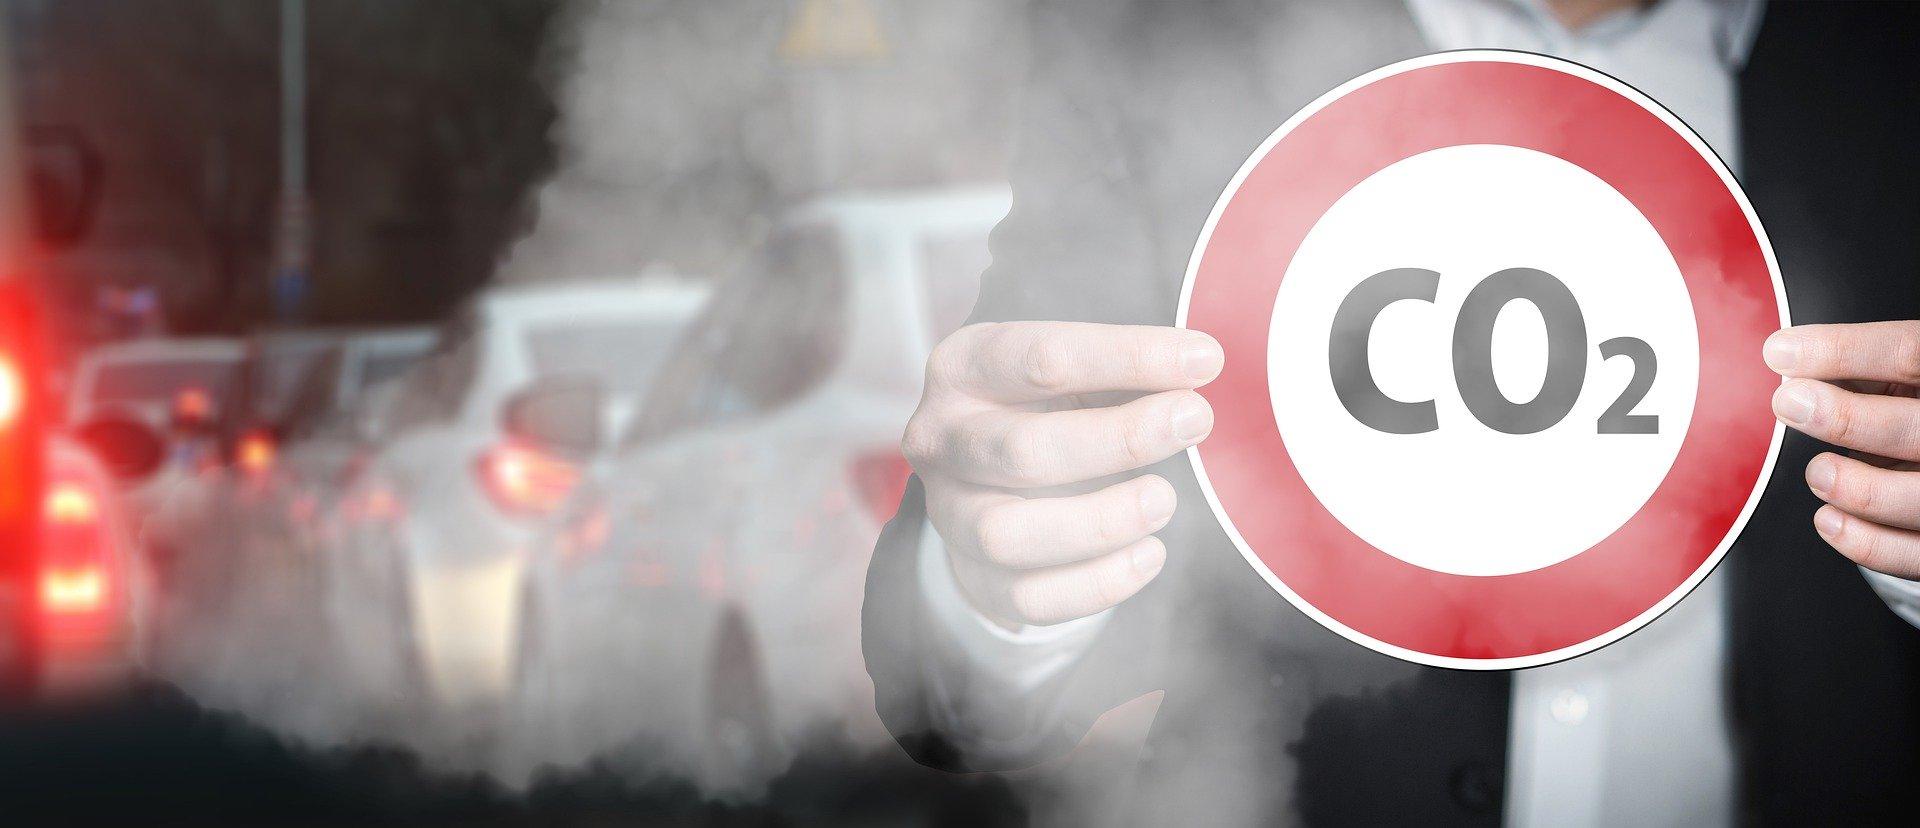 Klimawandel durch CO2 – Herausforderung für den Verkehrssektor